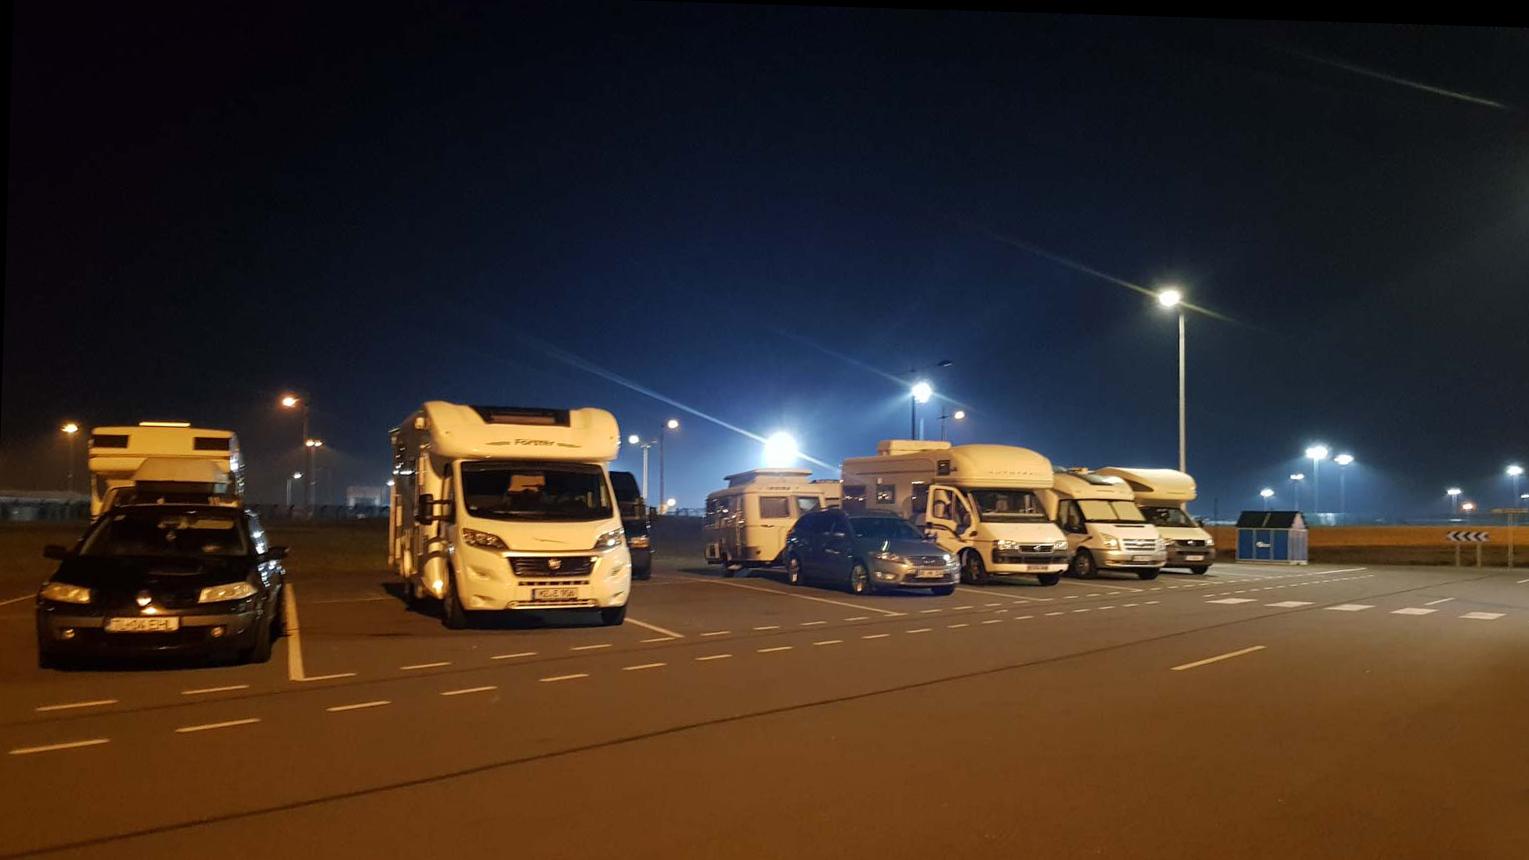 Schottland_Wohnmobil_Camper_Hund_Fähre_DFDS